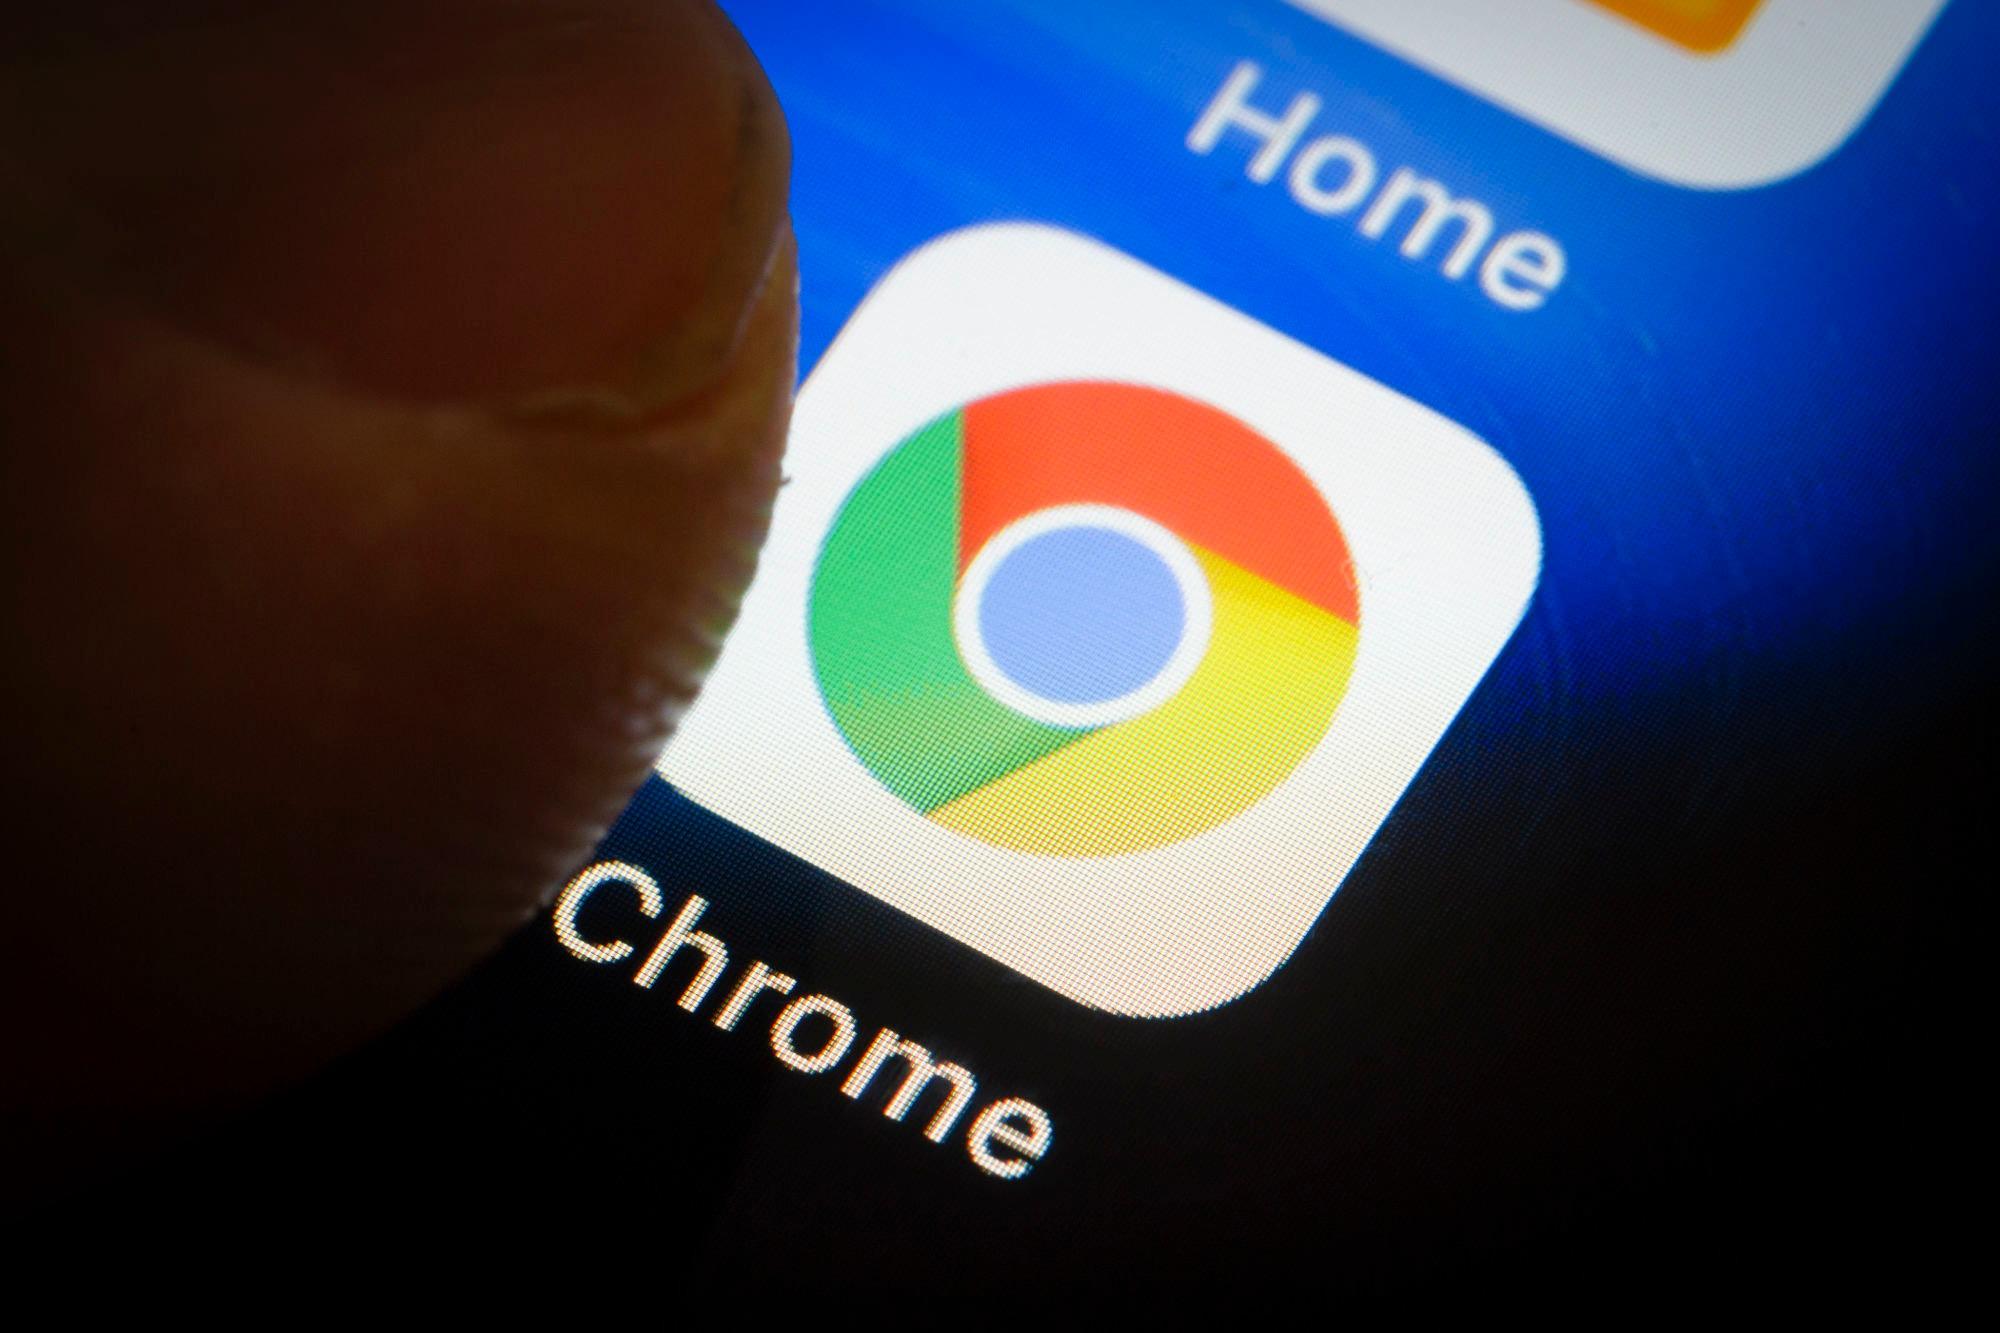 Chrome có thể hiển thị trang web ở chế độ tối nếu bạn muốn